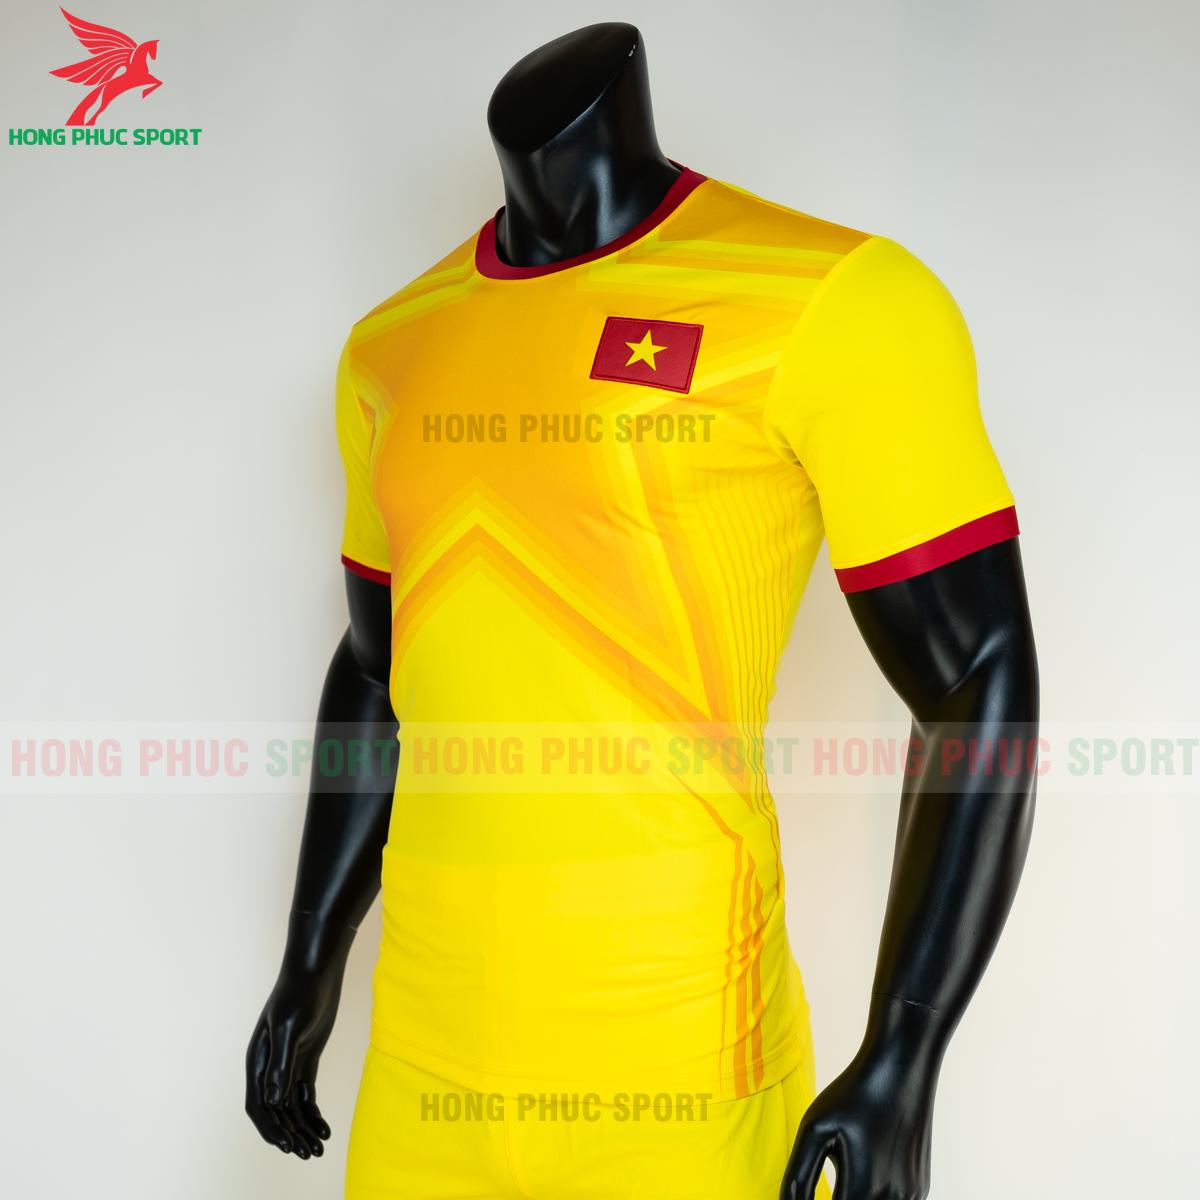 https://cdn.hongphucsport.com/unsafe/s4.shopbay.vn/files/285/ao-bong-da-thu-mon-viet-nam-2021-san-khach-3-6050396118962.png